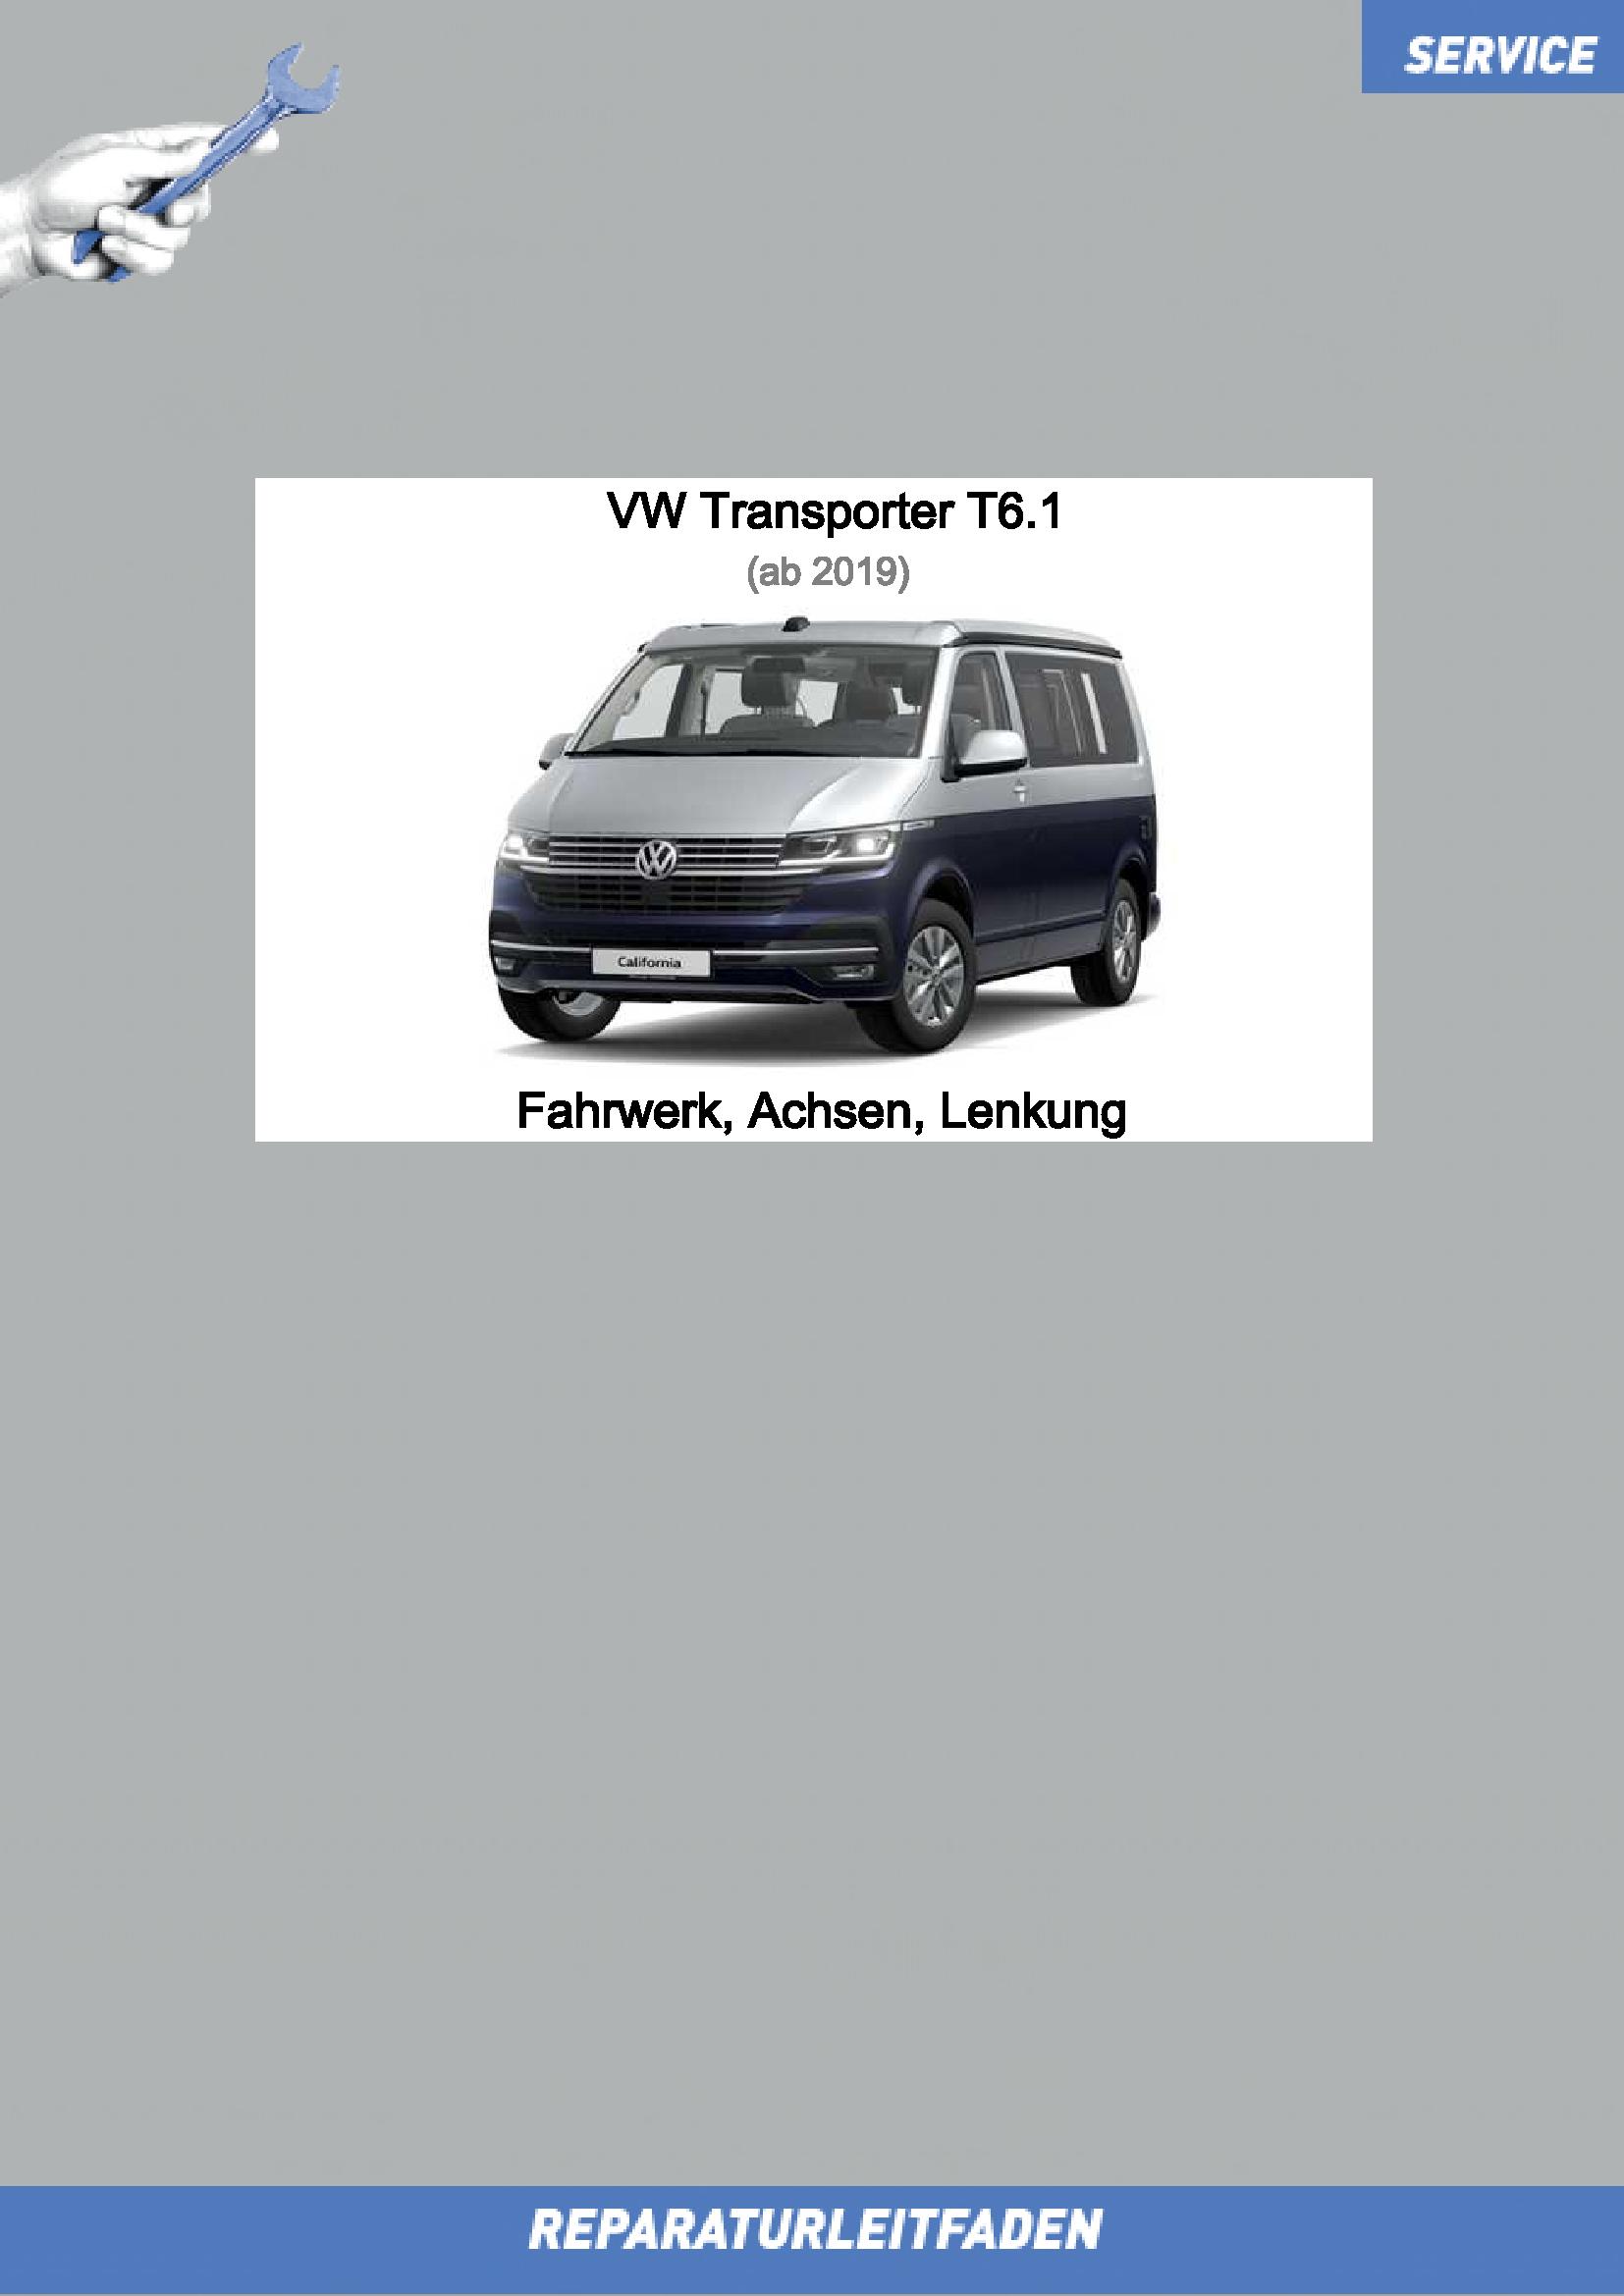 vw-t6-sh_sj-0001-fahrwerk_achsen_lenkung_1.png